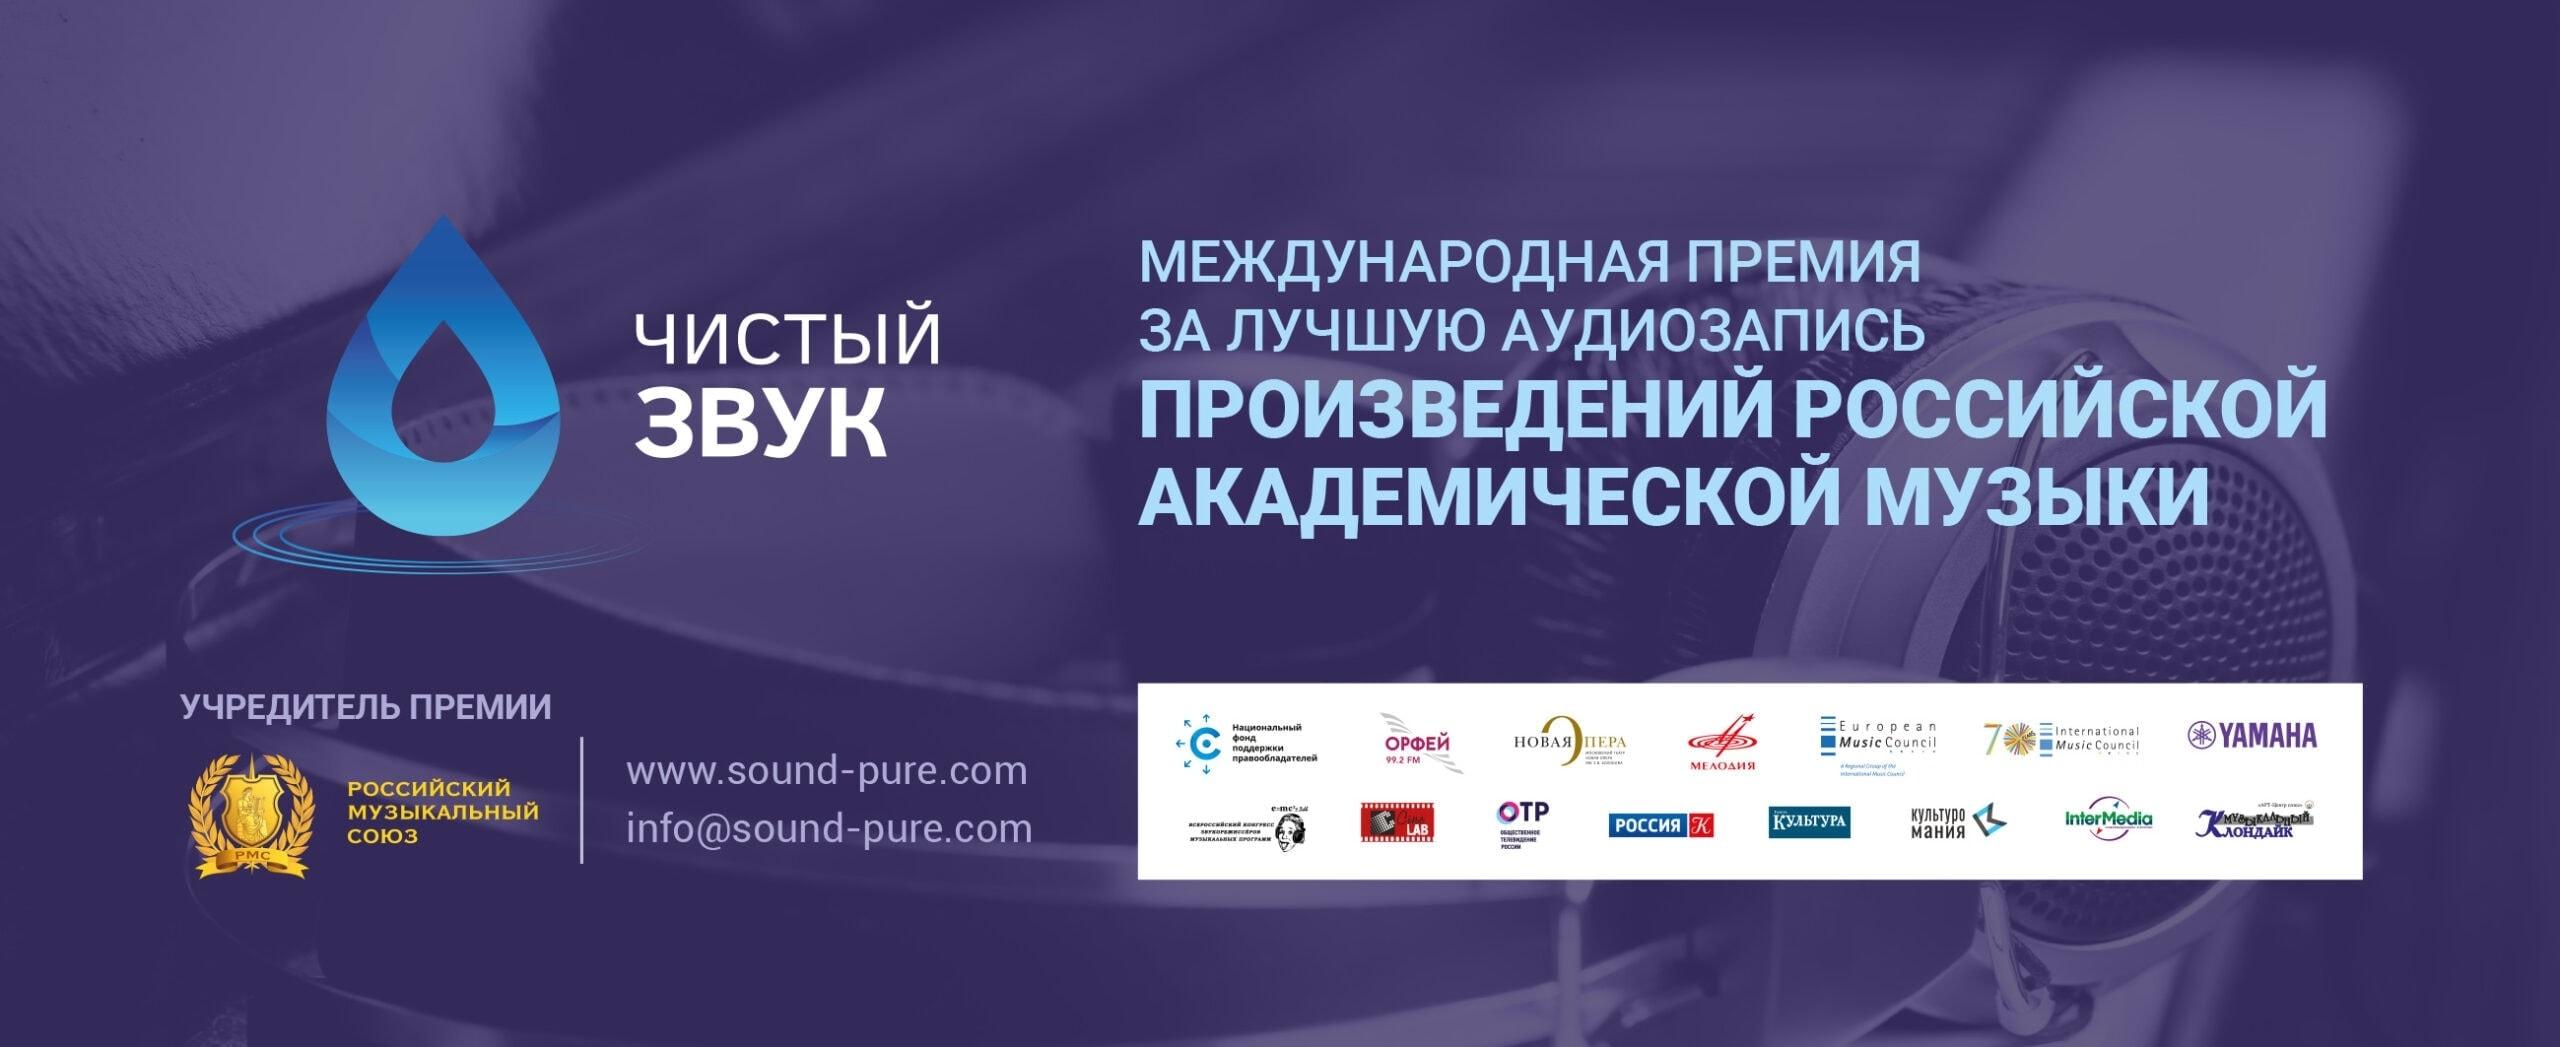 Итоги II Международной премии «Чистый звук» подведут 3 сентября